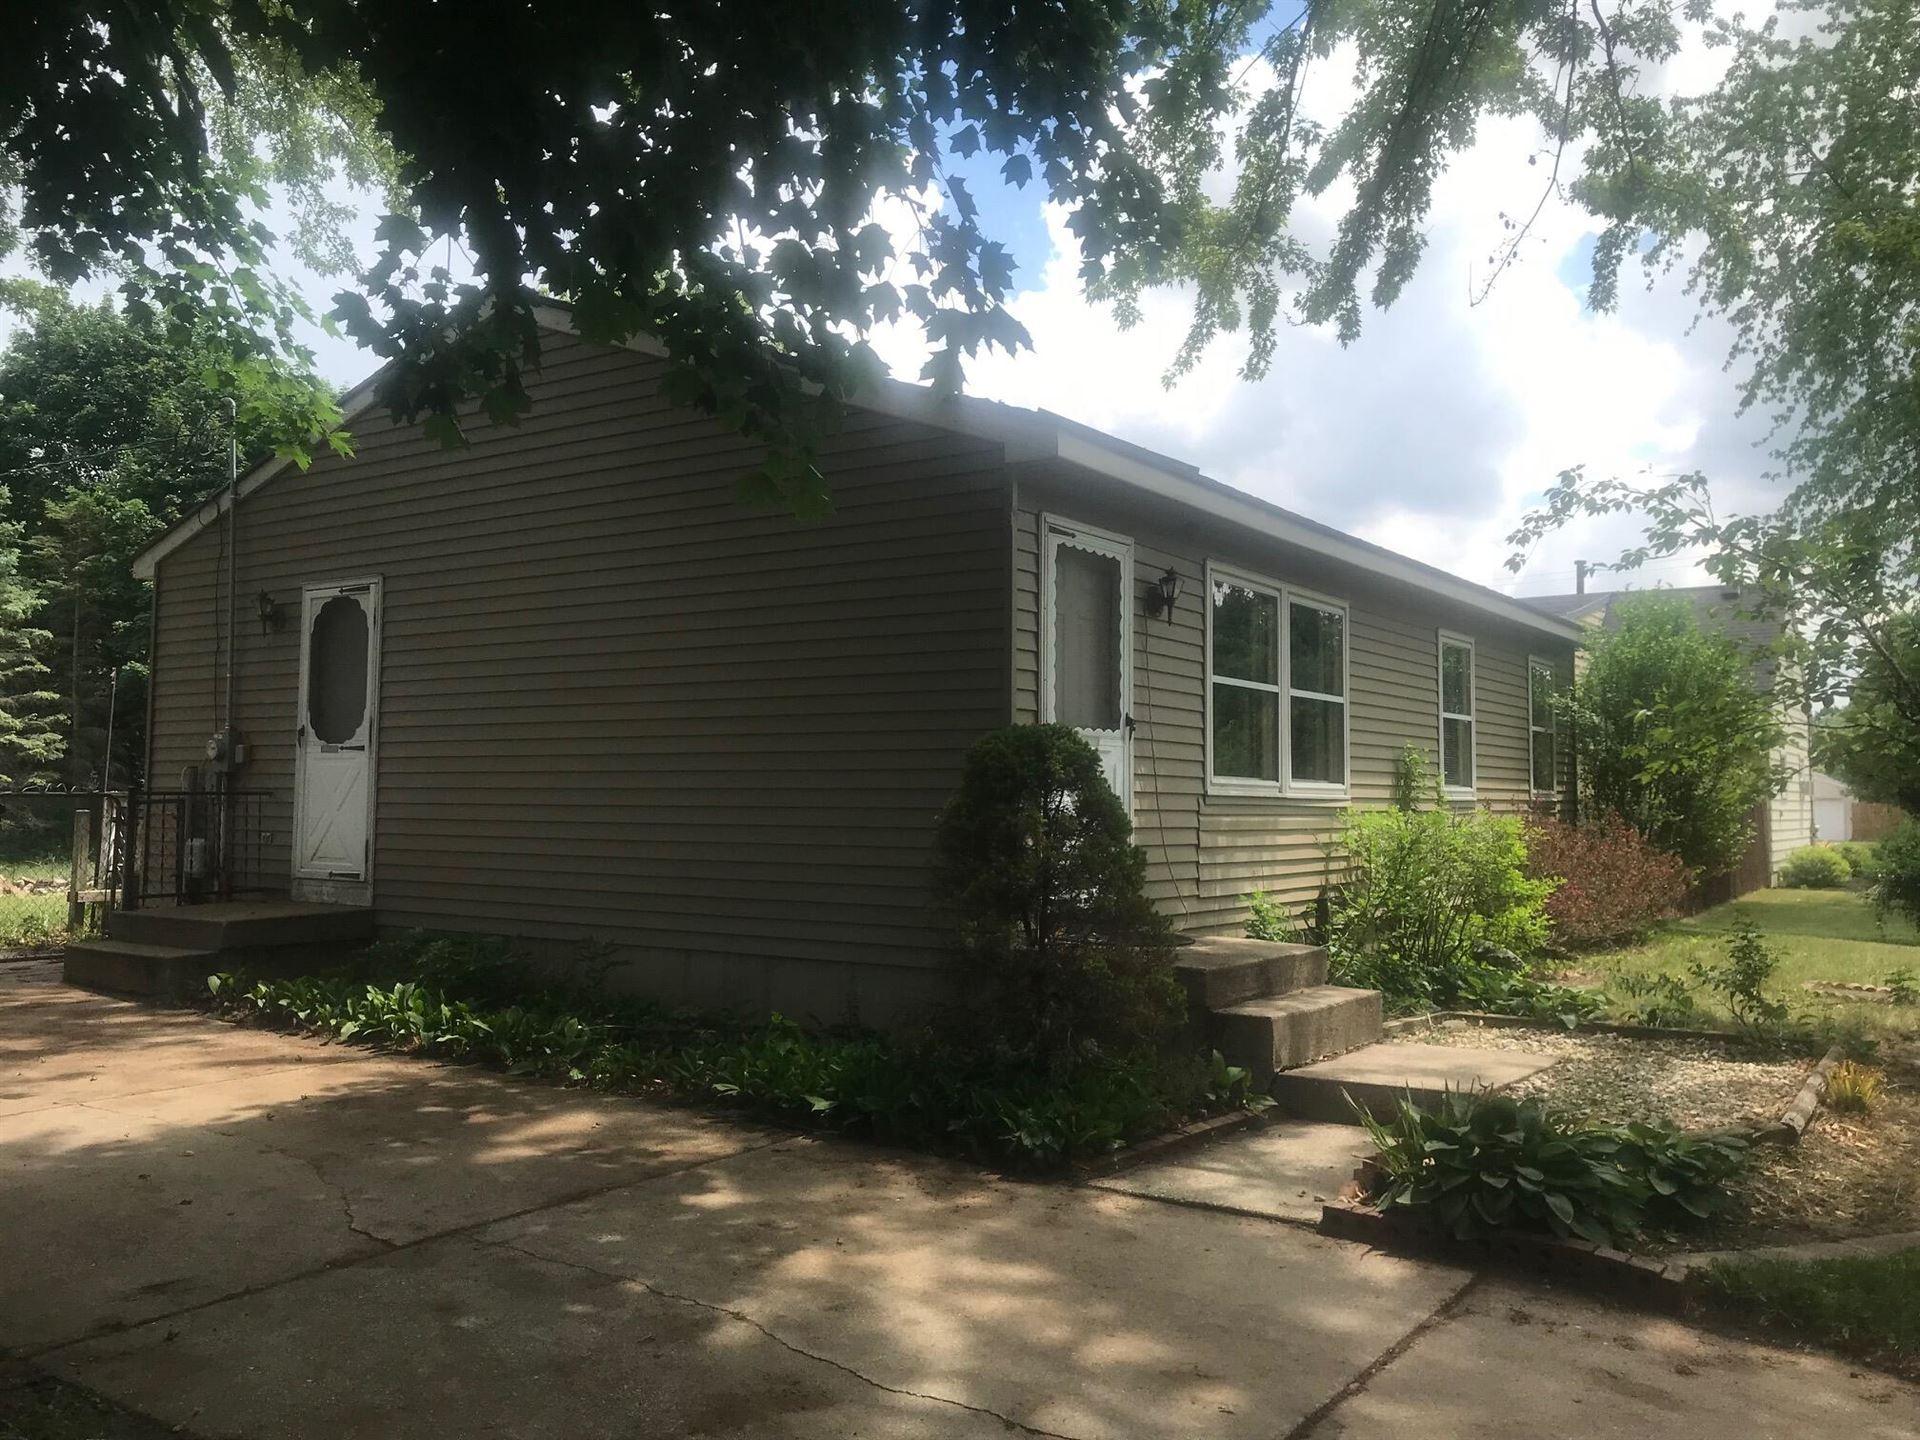 Photo of 217 Roberta Jayne Drive, Lowell, MI 49331 (MLS # 21022035)